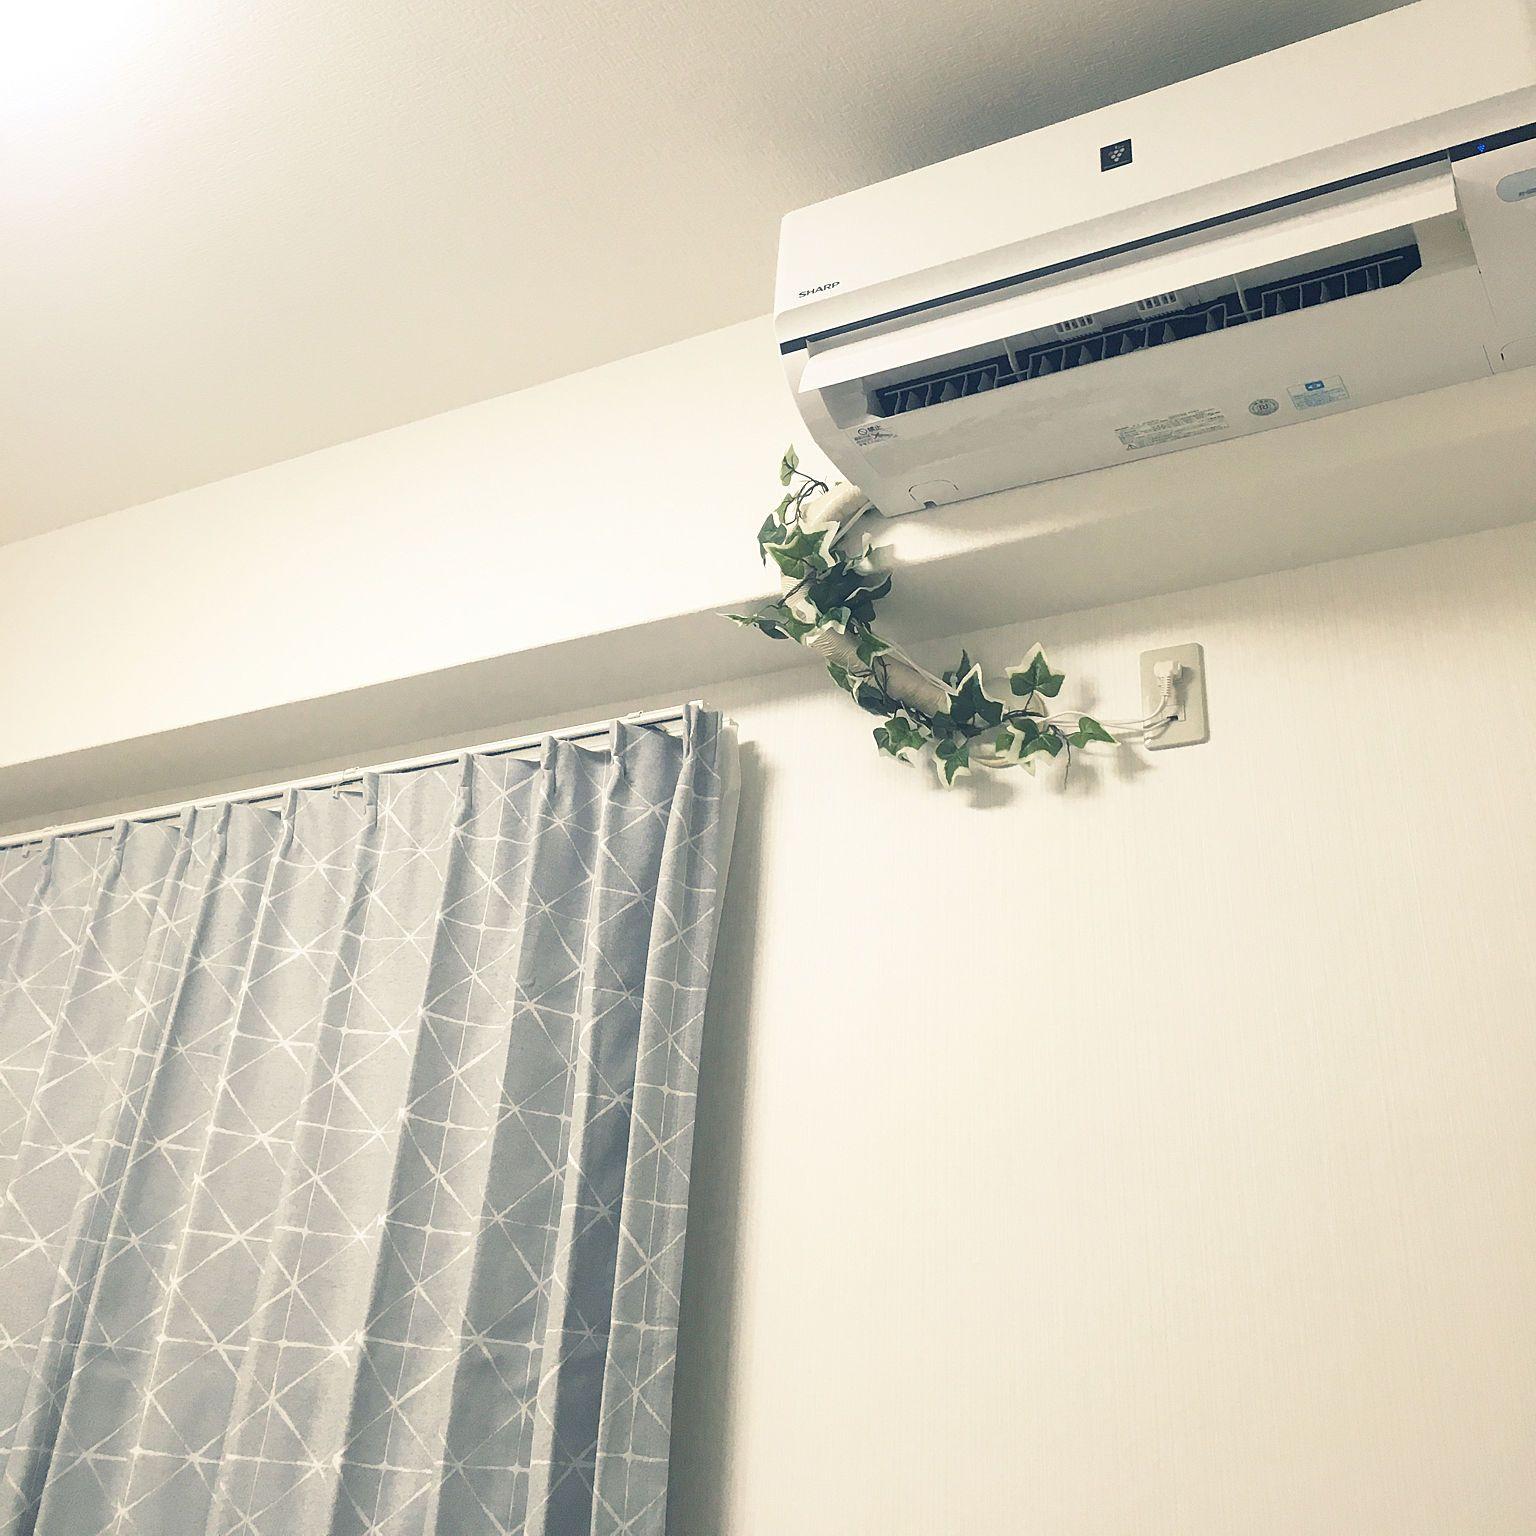 壁 天井 ダイソー グレー エアコンの配管隠し ニトリ などのインテリア実例 2017 12 08 20 38 46 Roomclip ルームクリップ 配管 インテリア インテリア 実例